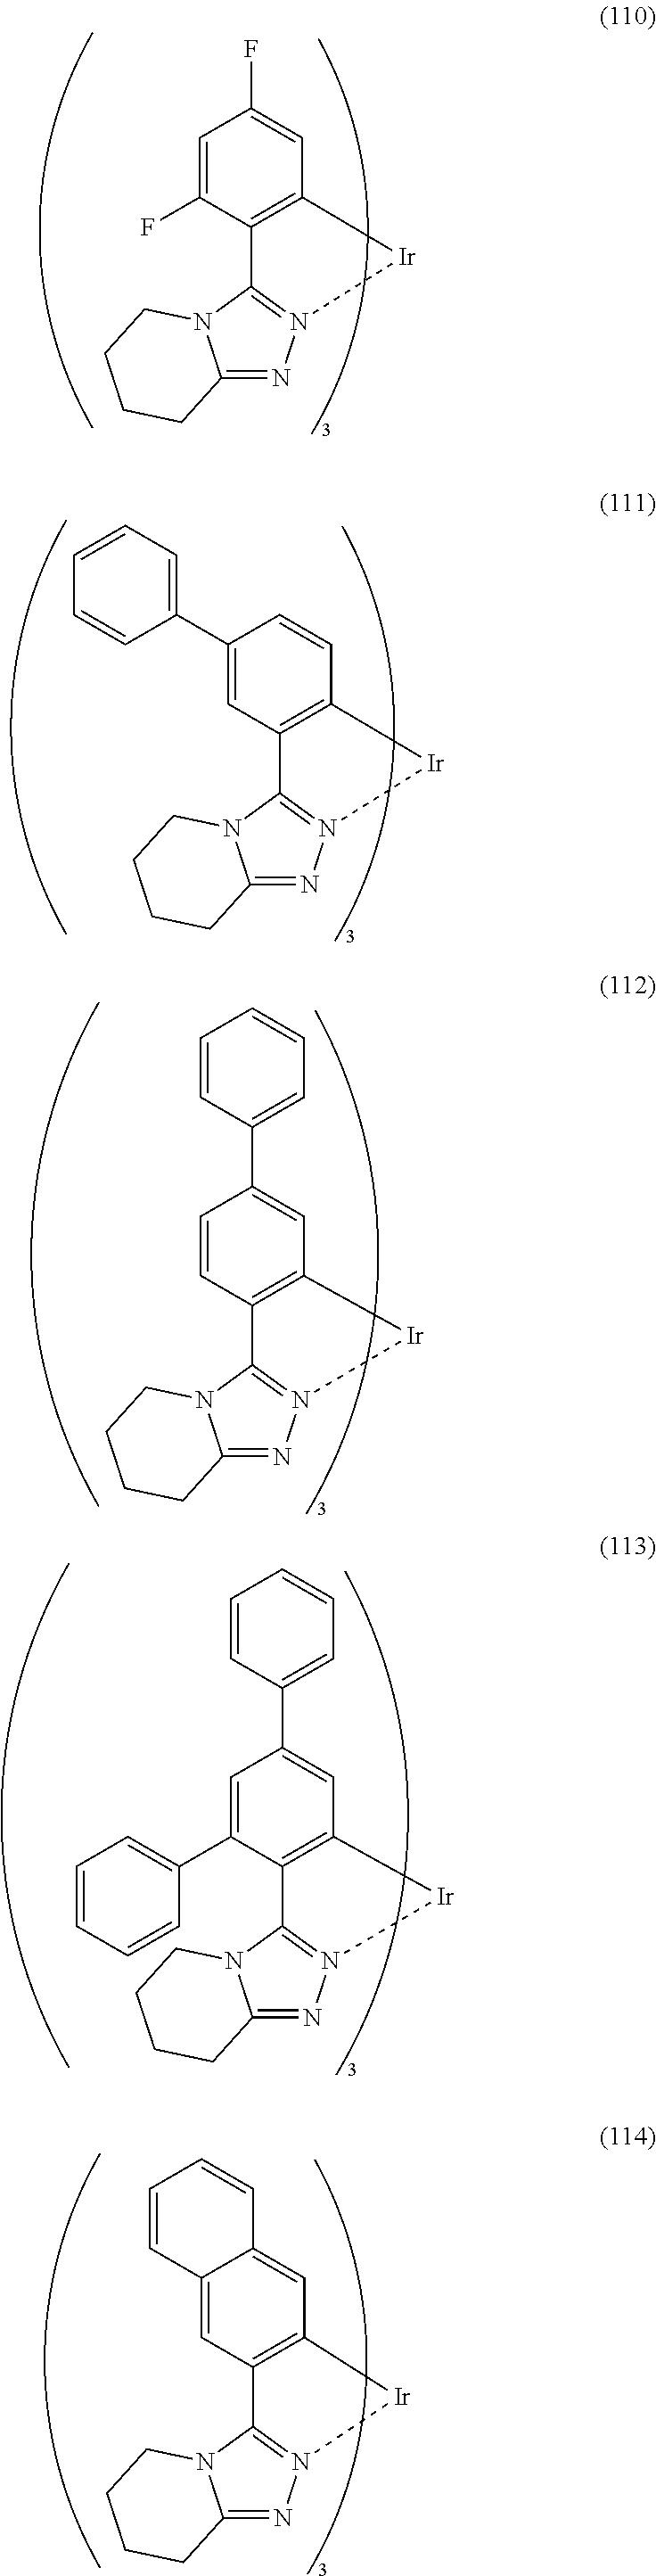 Figure US09741946-20170822-C00012